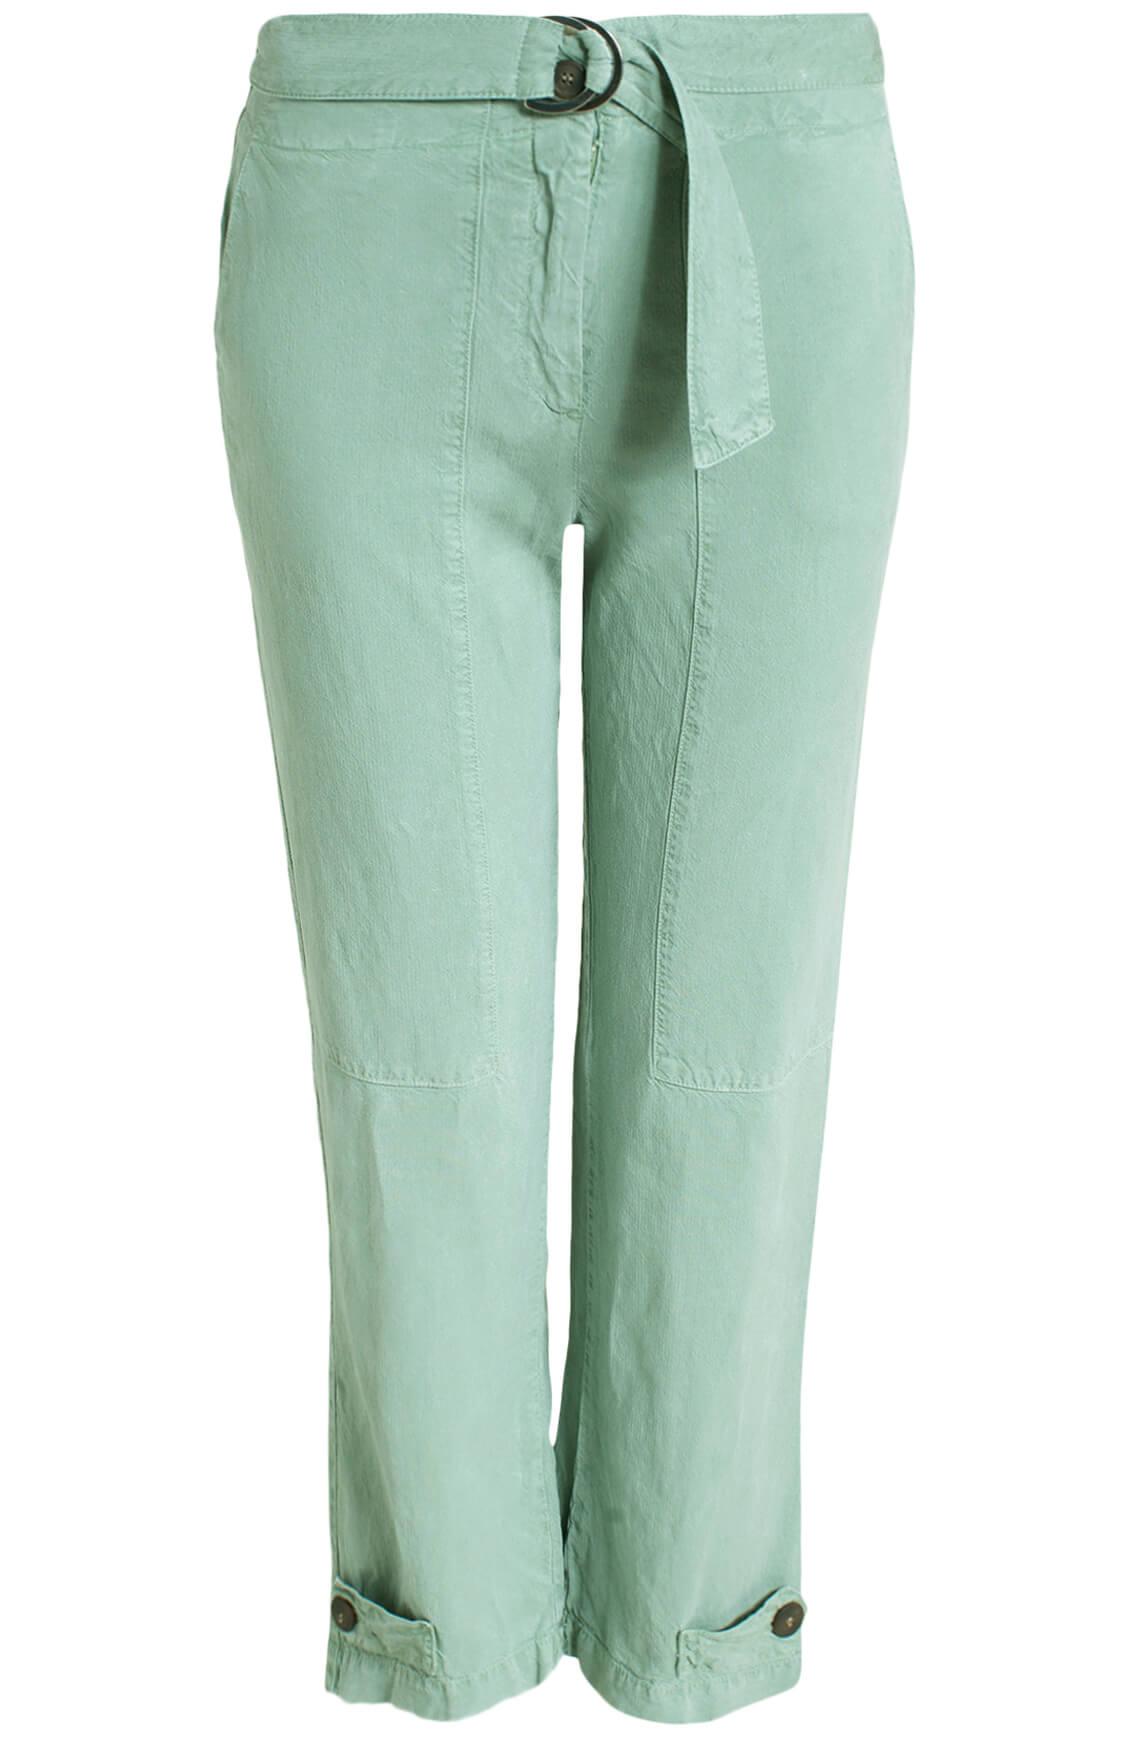 Anna Blue Dames Cargo broek groen